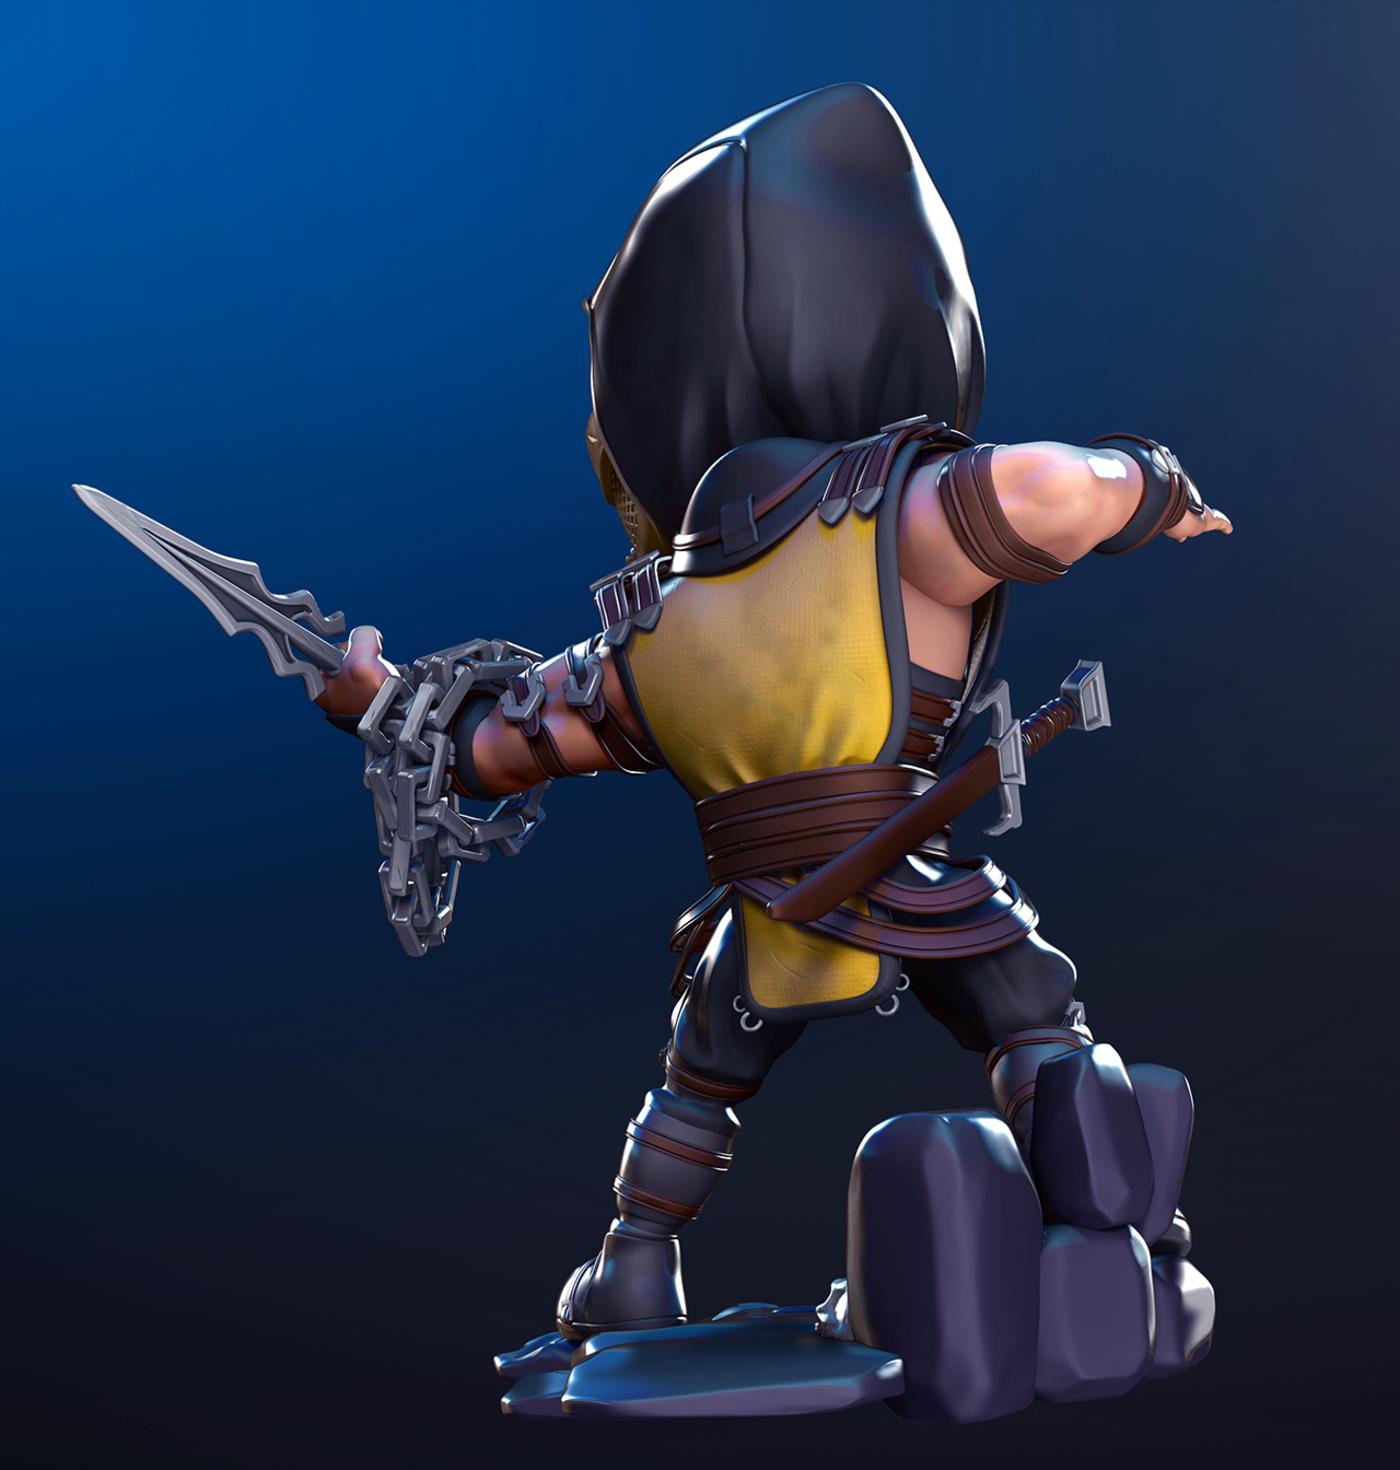 Scorpion MK - fan art